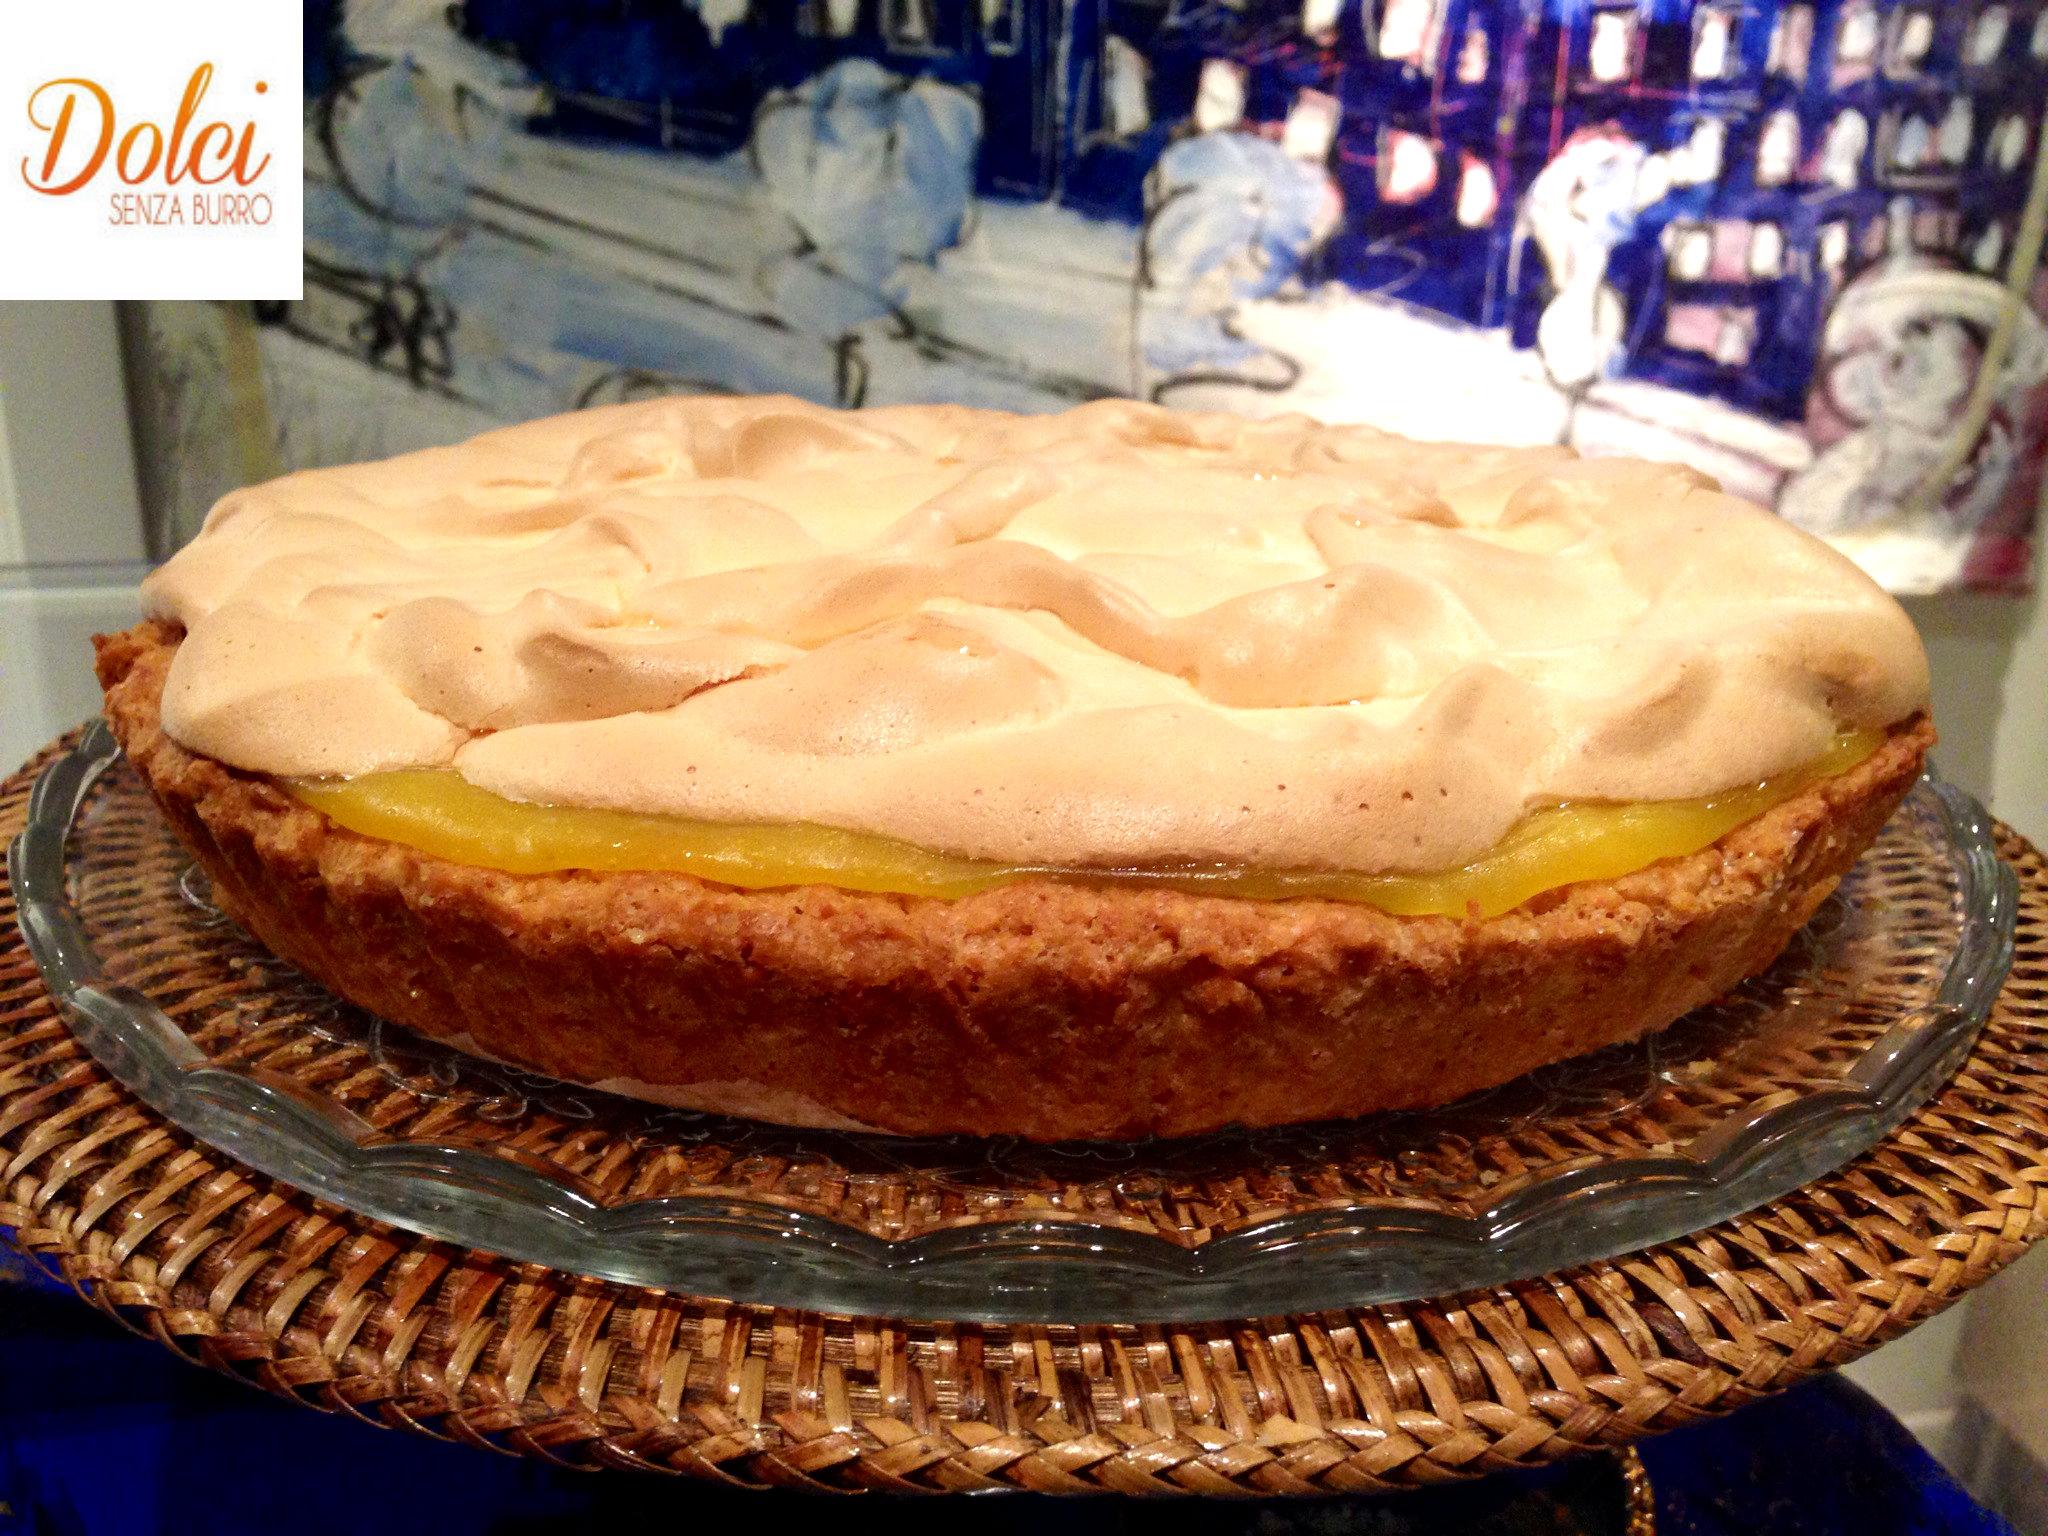 Crostata Meringata al Limone Senza burro, il dolce leggero goloso e delicato di Dolci Senza Burro.